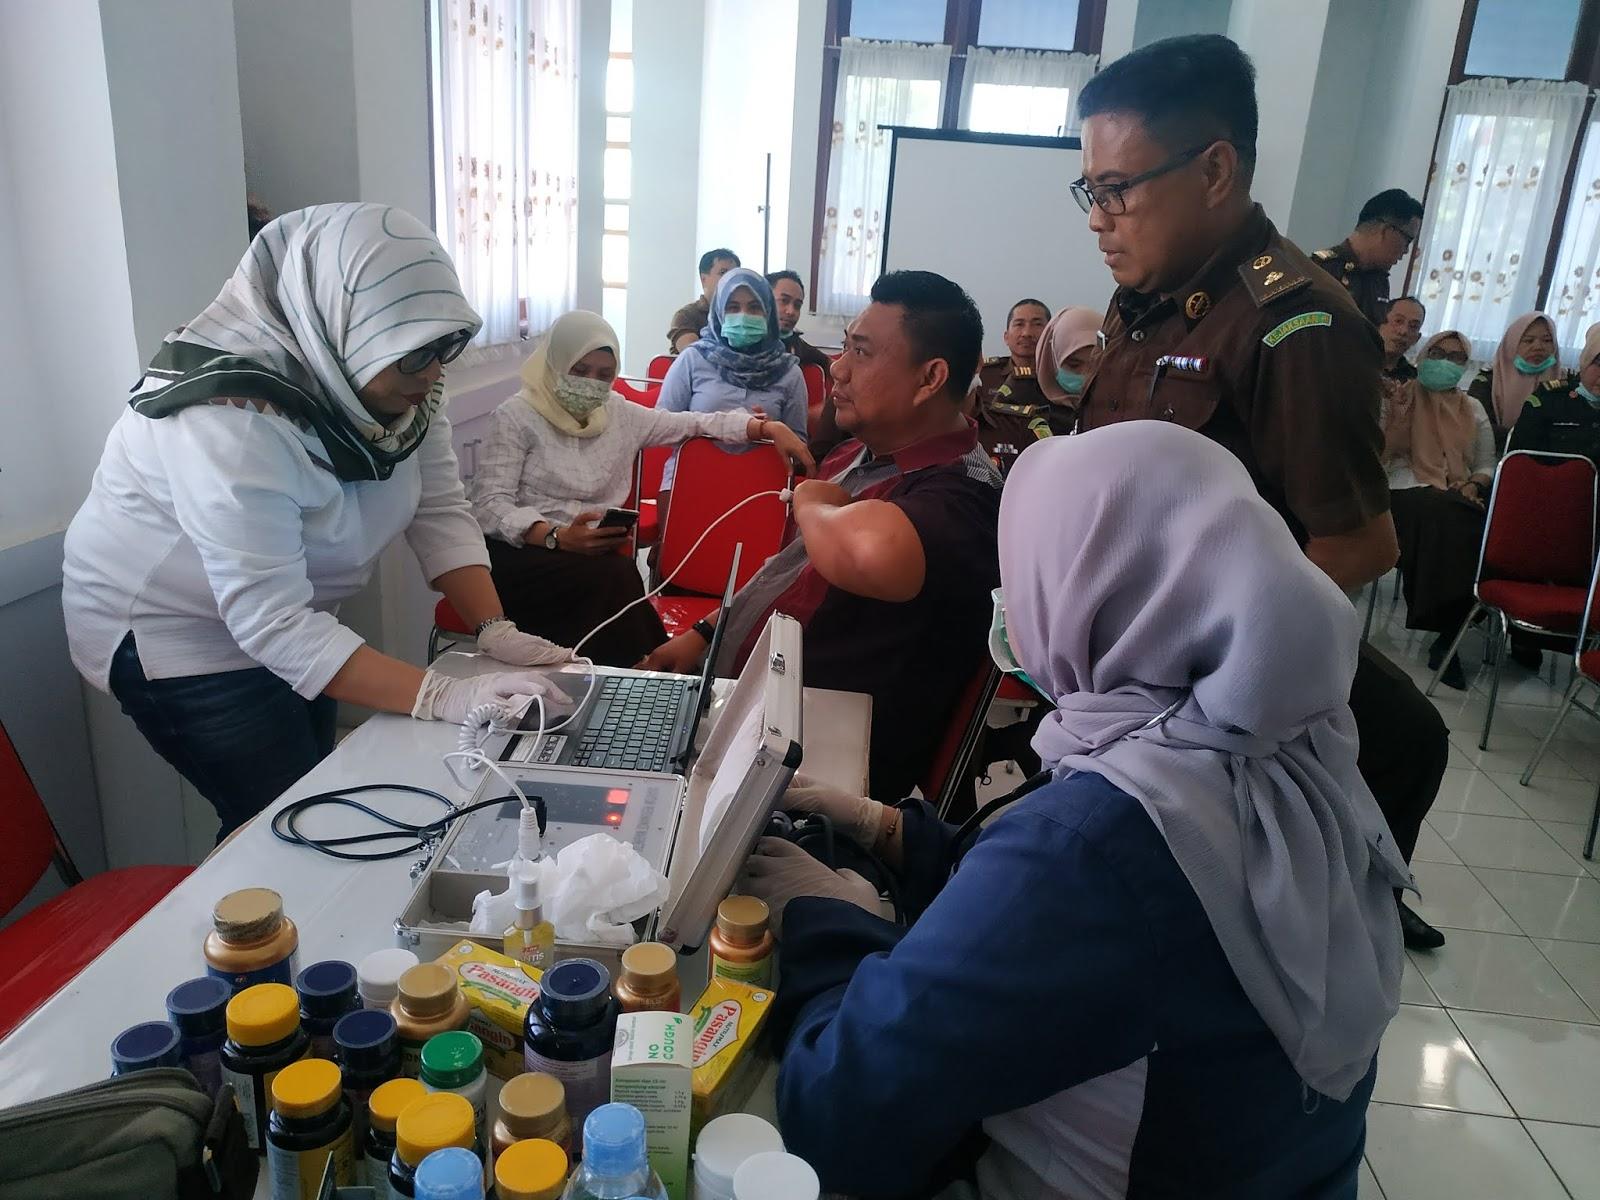 Personel Kejari Bone Cek Kesehatan Sekaligus Sosialisasi Pencegahan Virus Corona